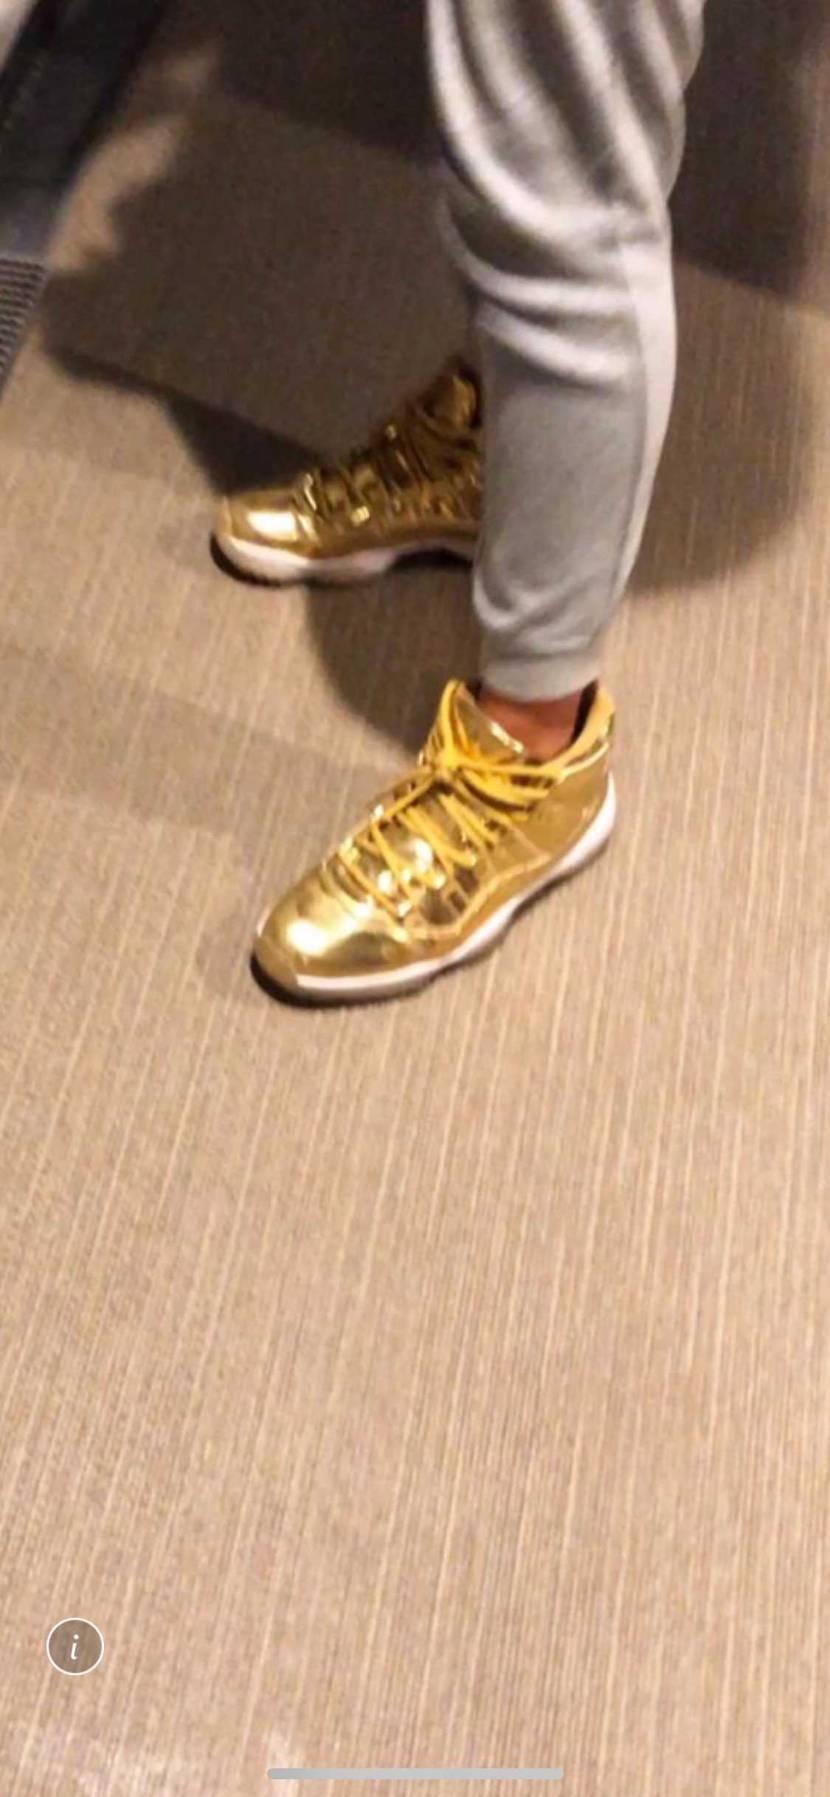 すいません!質問です! 友達がこんな感じのaj13の靴を 持ってると自慢してき